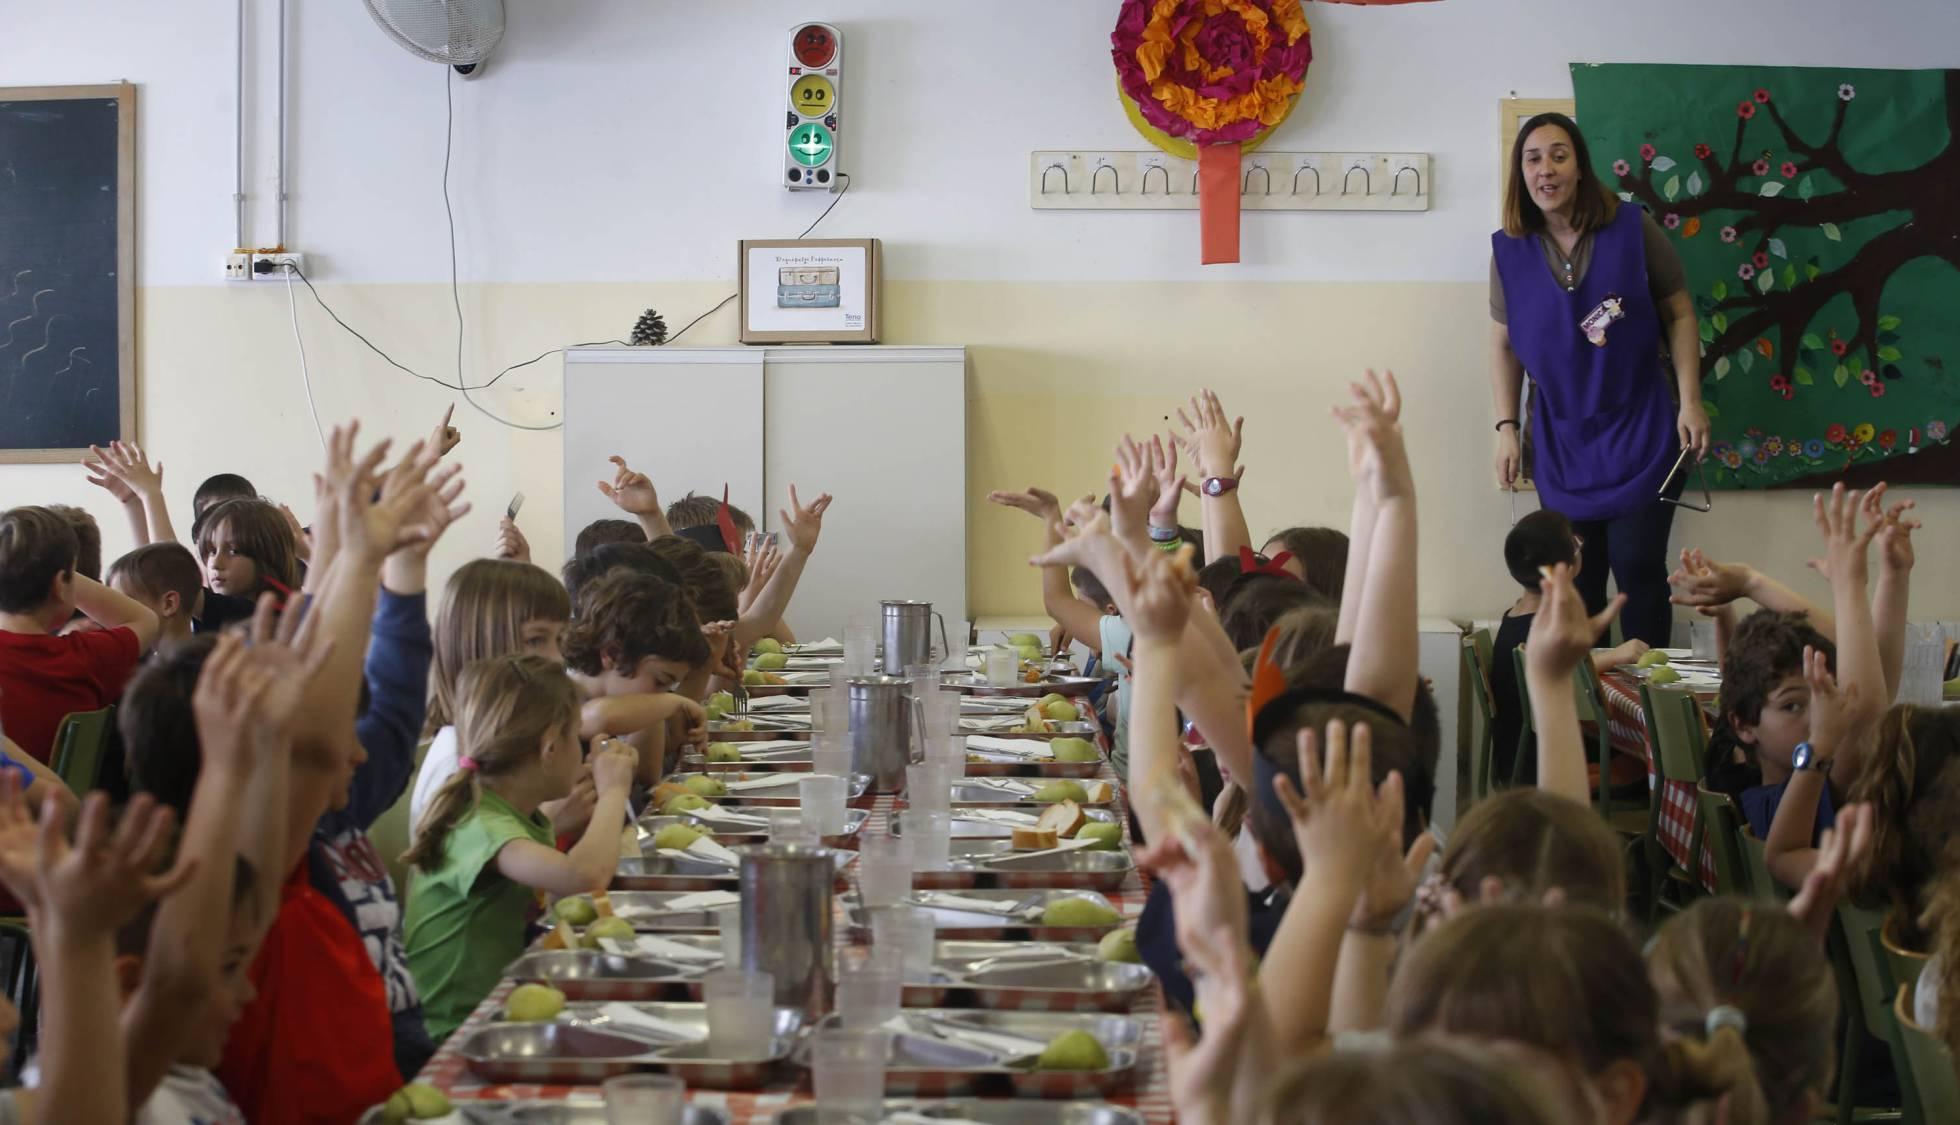 Alumnos de primaria de la Escuela Colònia Güell aplauden en el idioma de singos :: CRISTÓBAL CASTRO